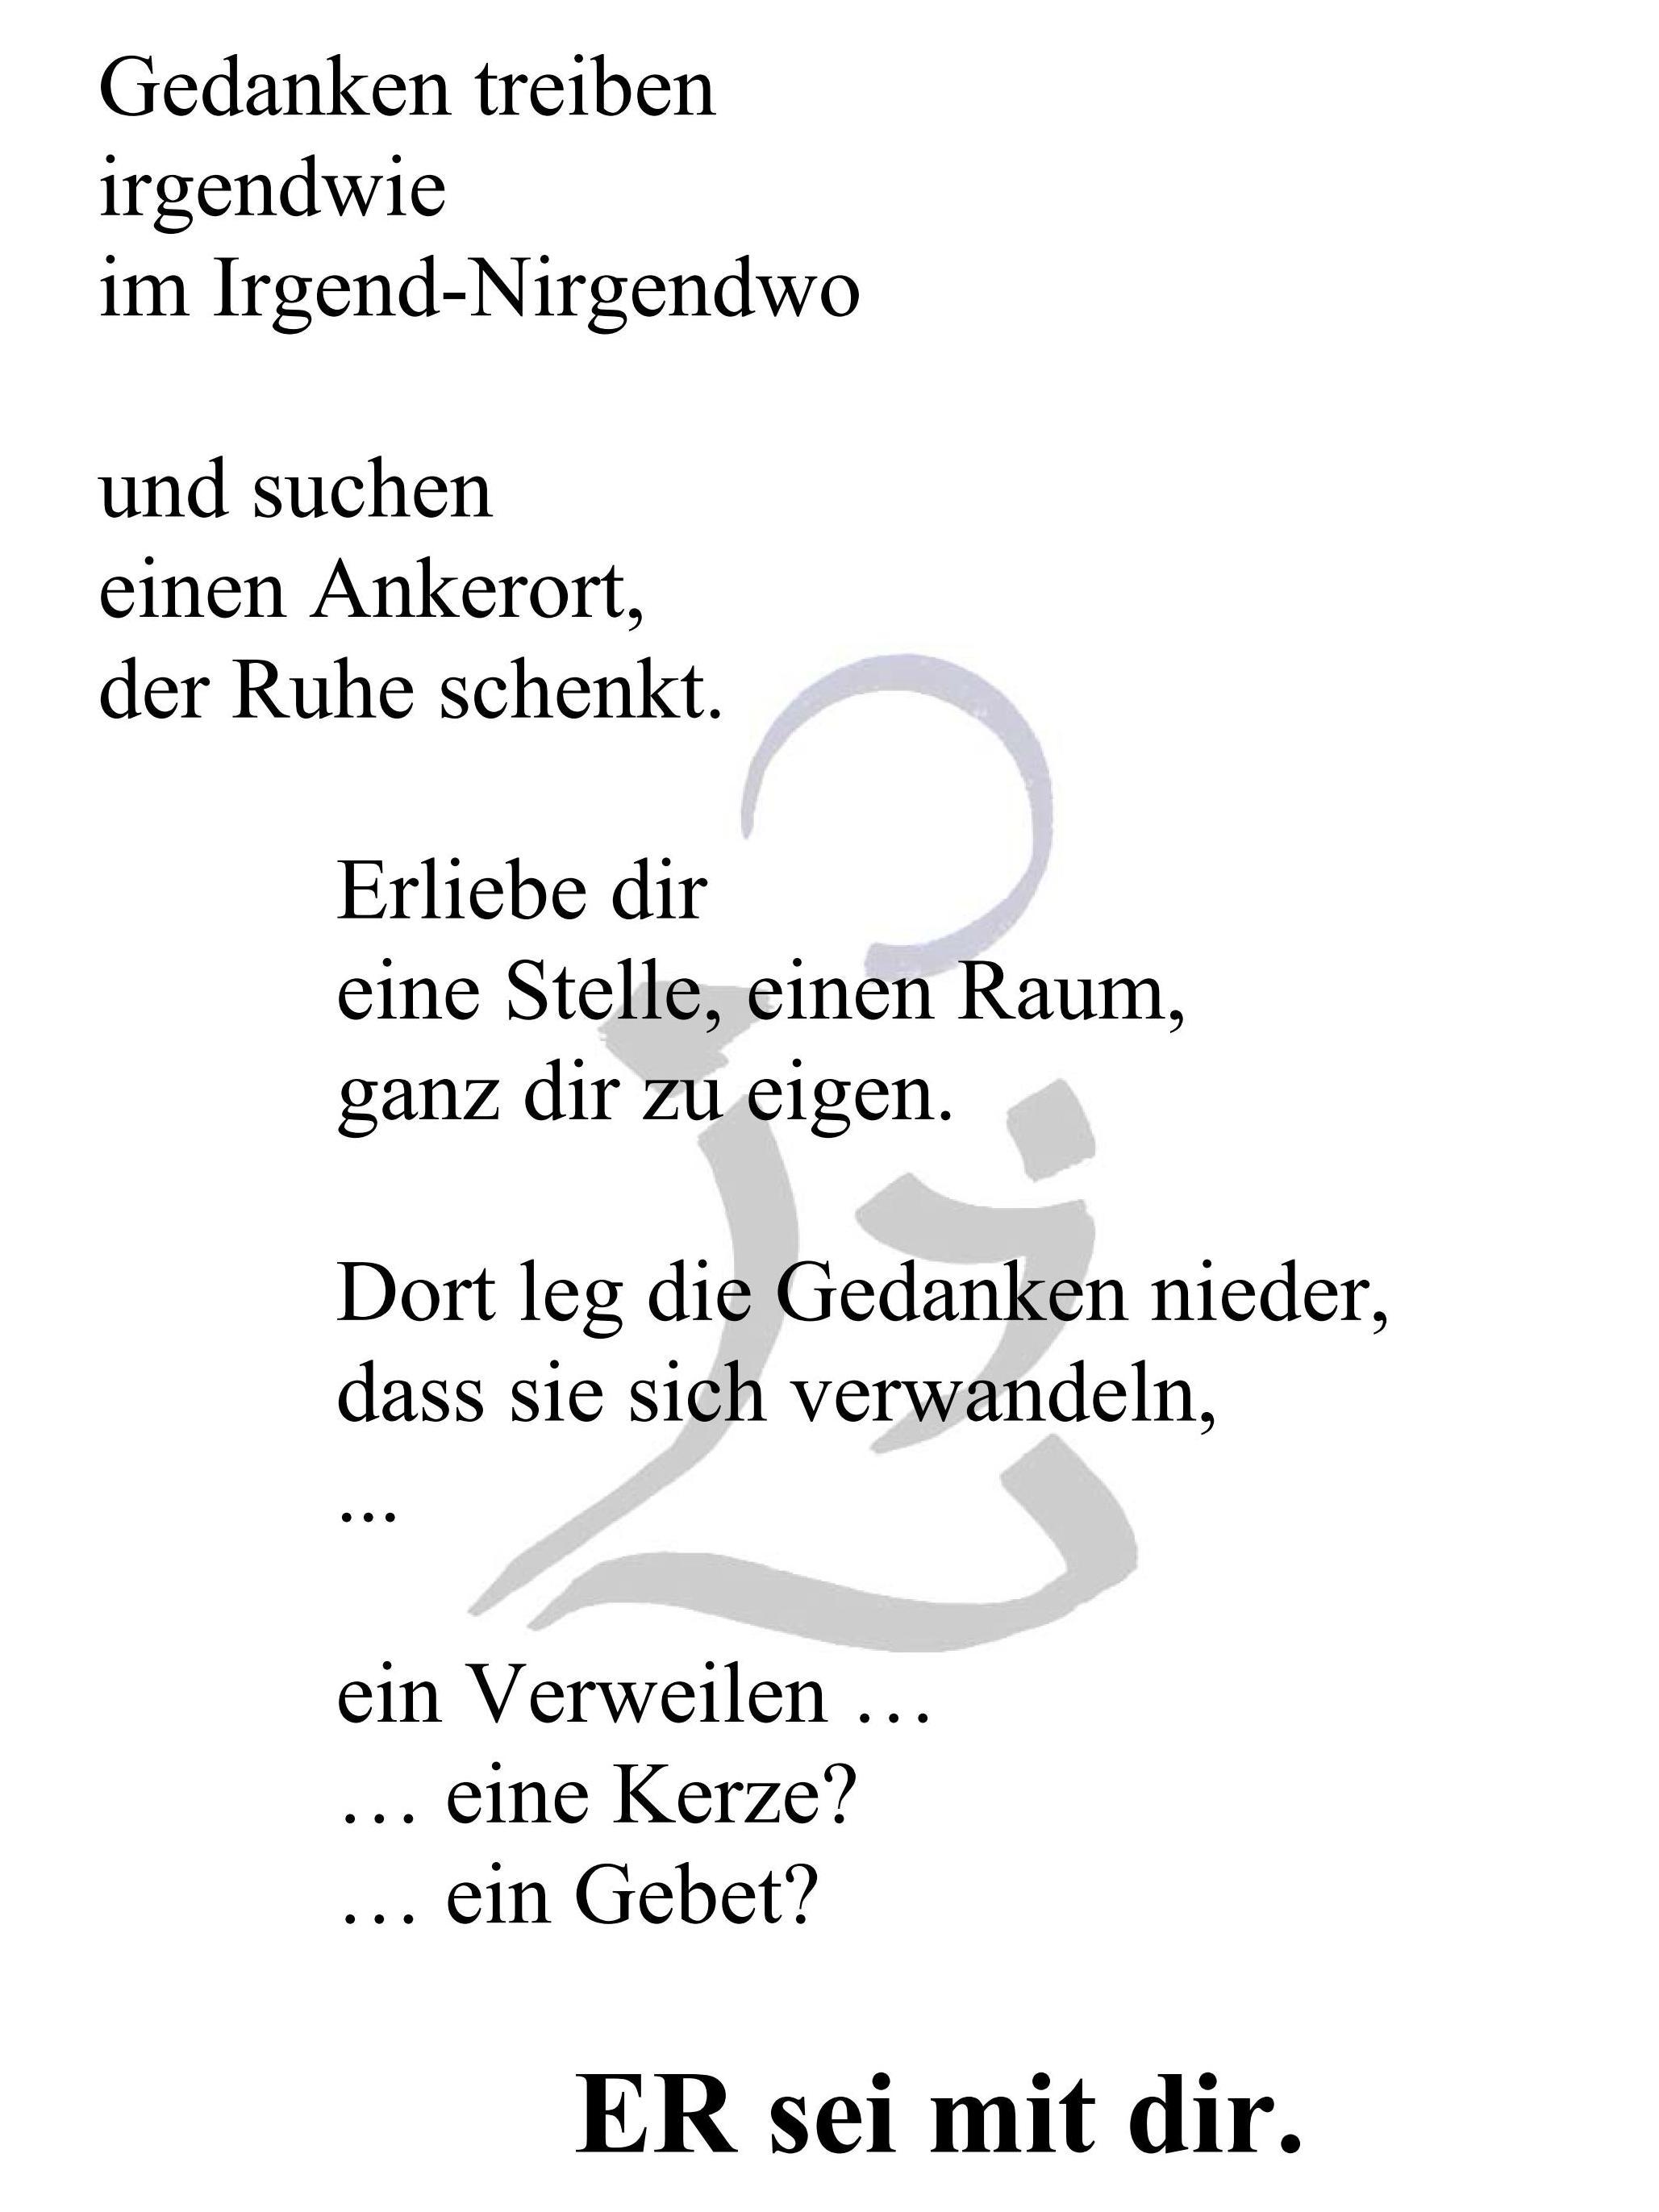 Gedicht die kerze